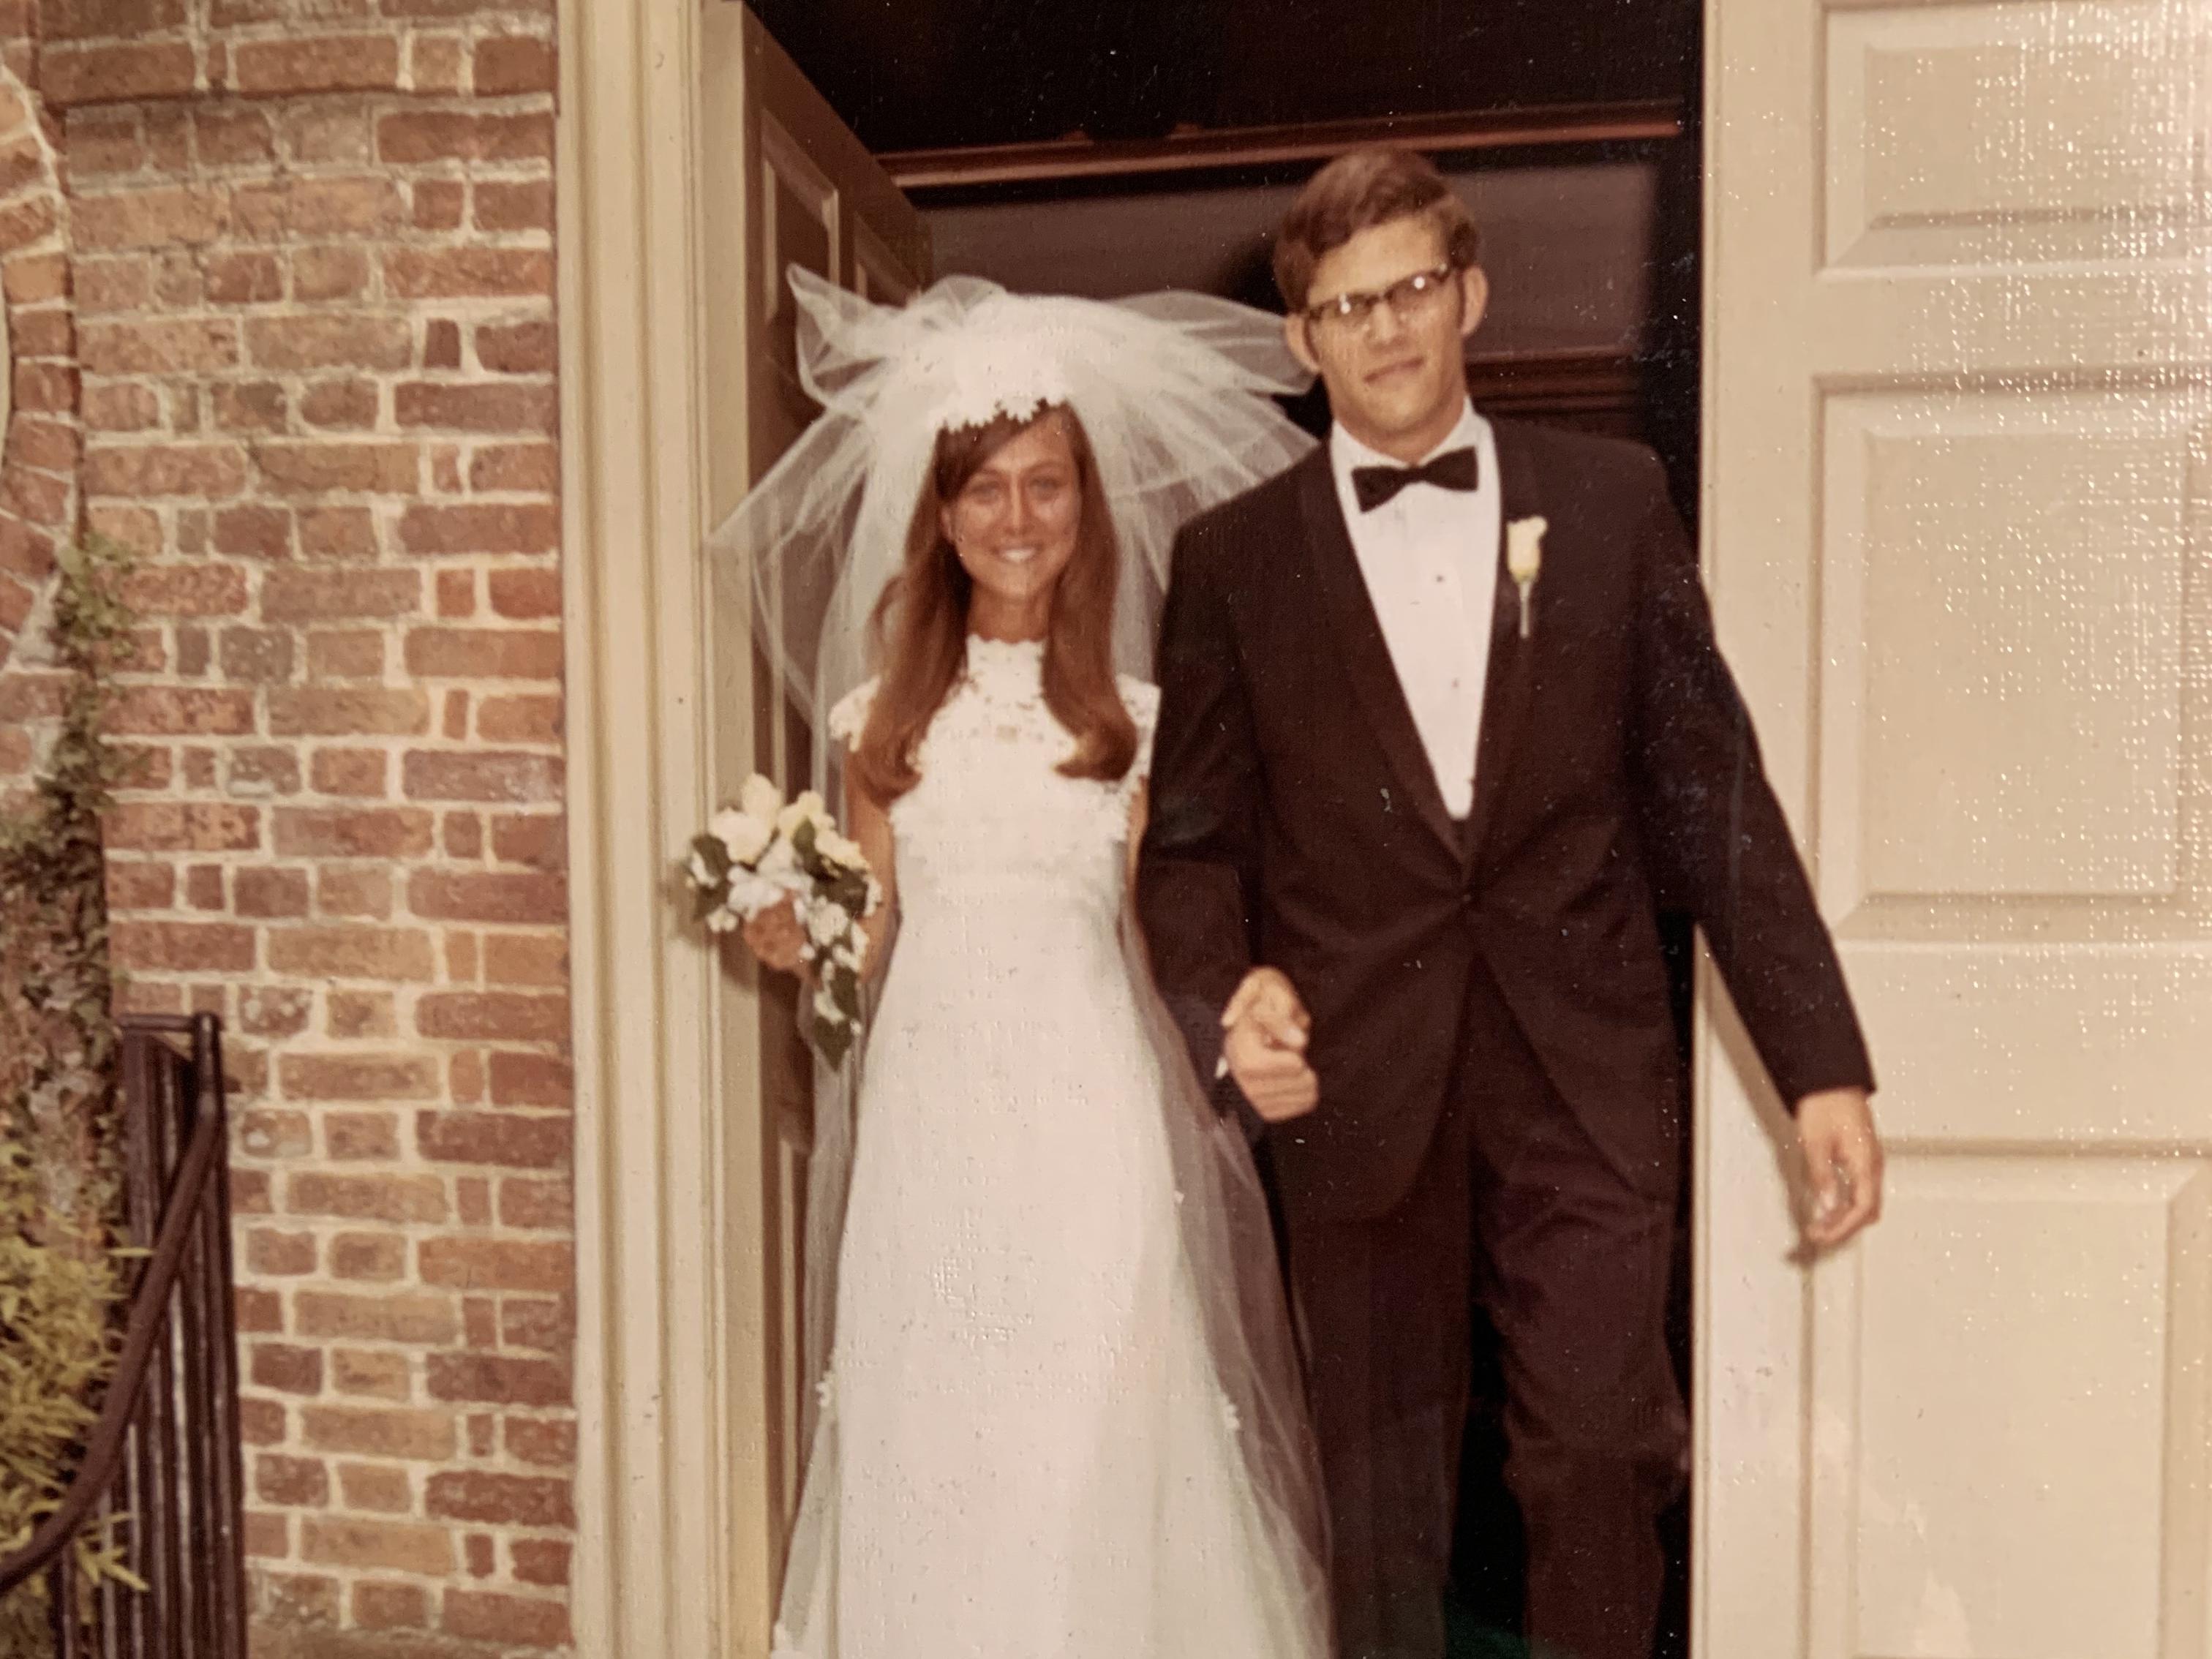 kohlhagen-wedding-crop.jpg